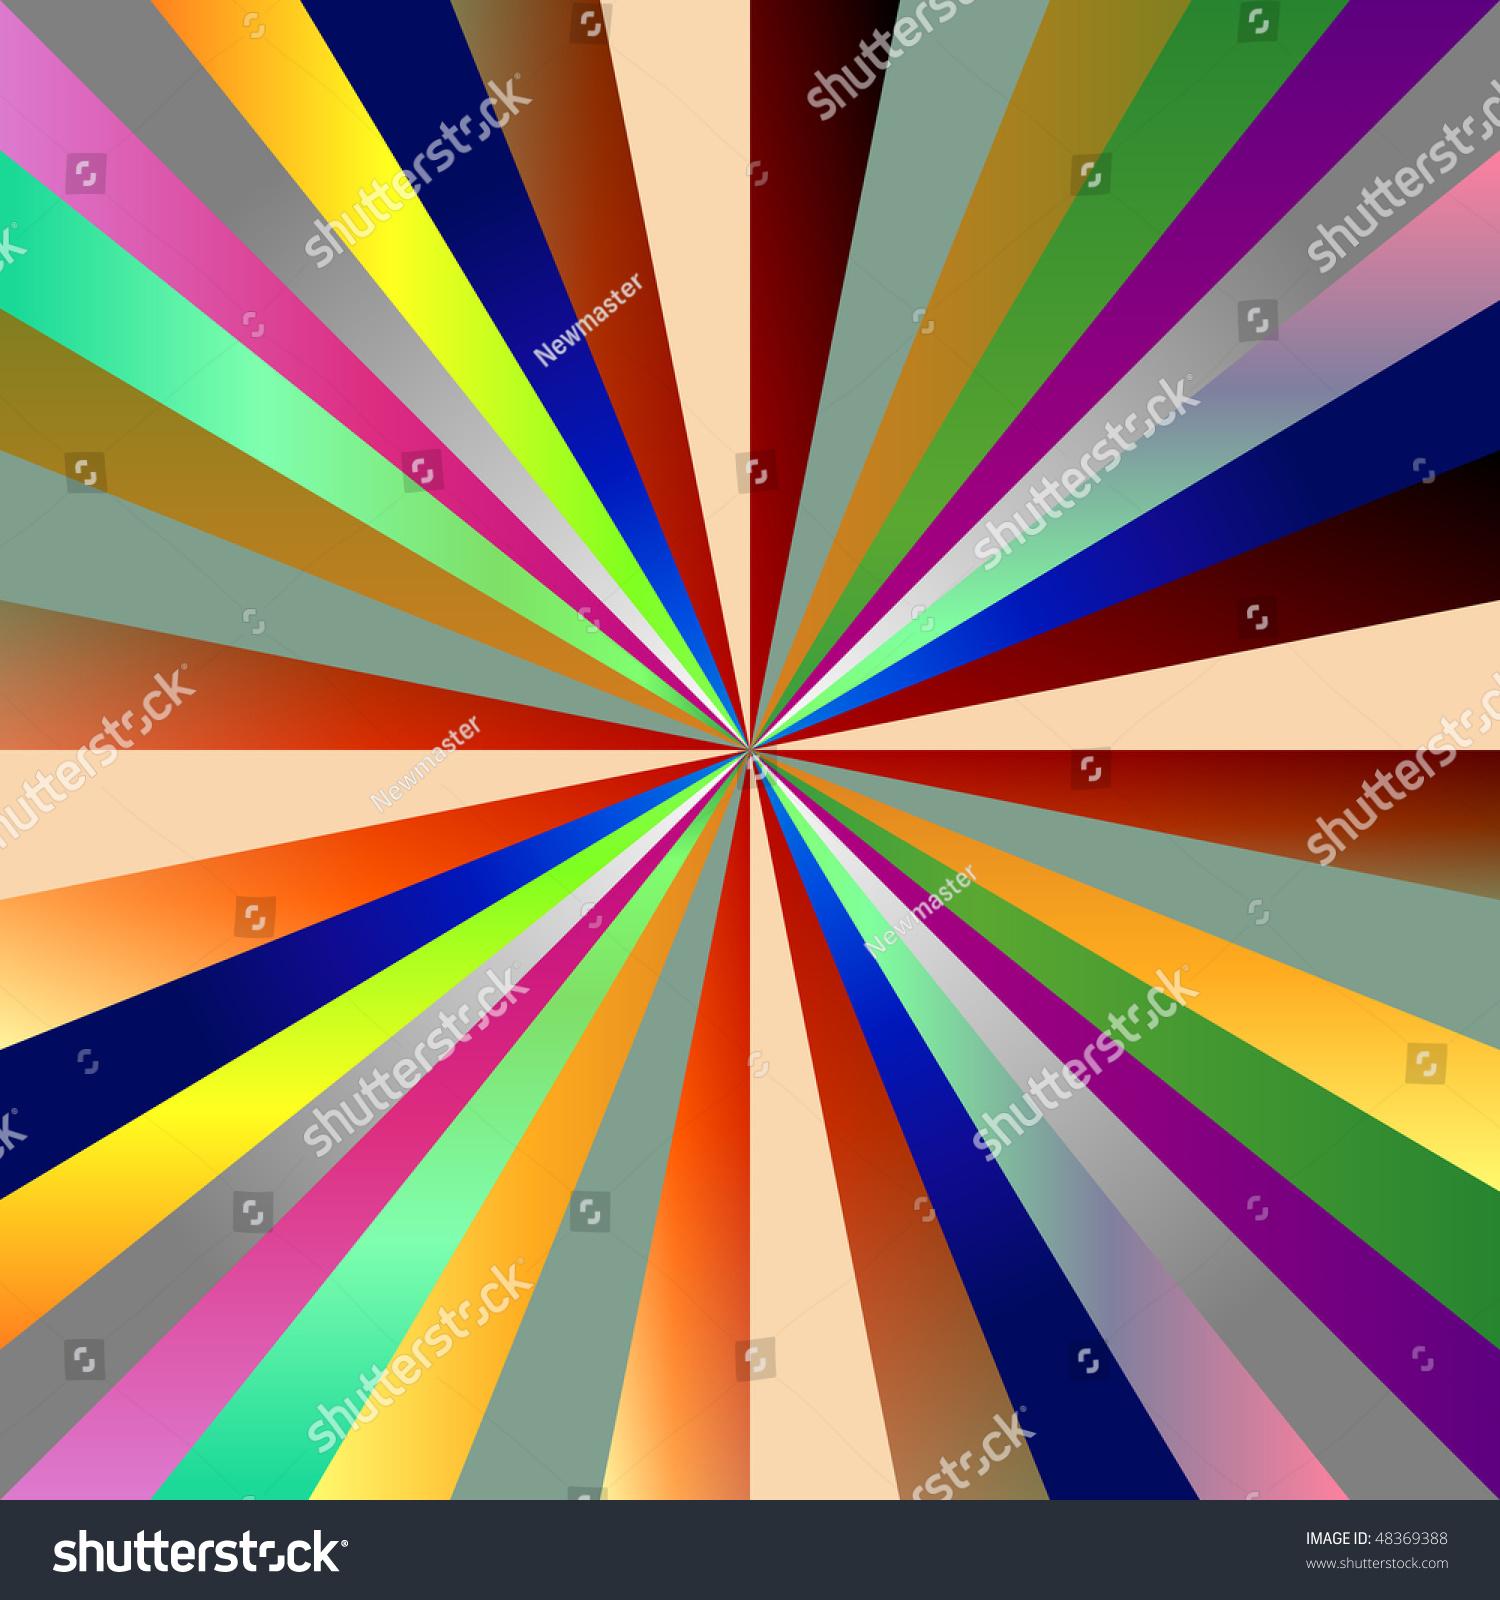 这张图片是矢量图,可以任您放大或缩小尺寸也不会失去图像解像度。您下载的档案会是 .eps 规格。 您需要矢量图编辑软件(例如Adobe Illustrator)才能用此档案。